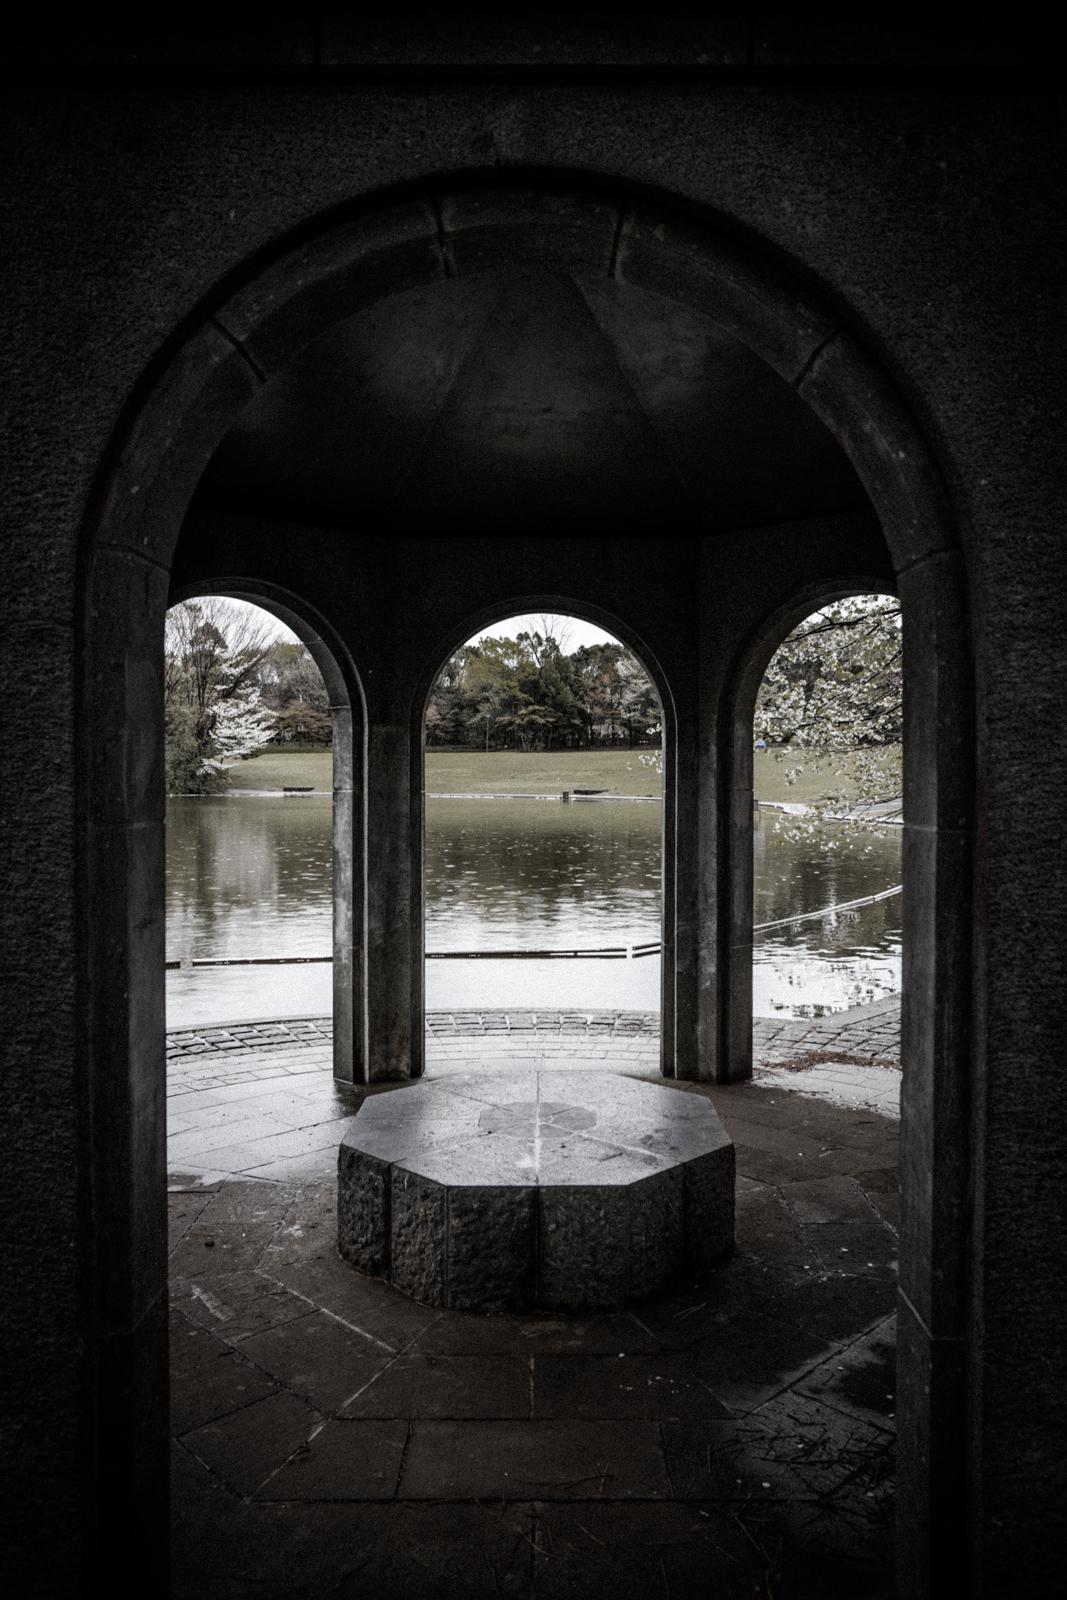 雨の日に公園で撮影した西洋風のあずまやの写真